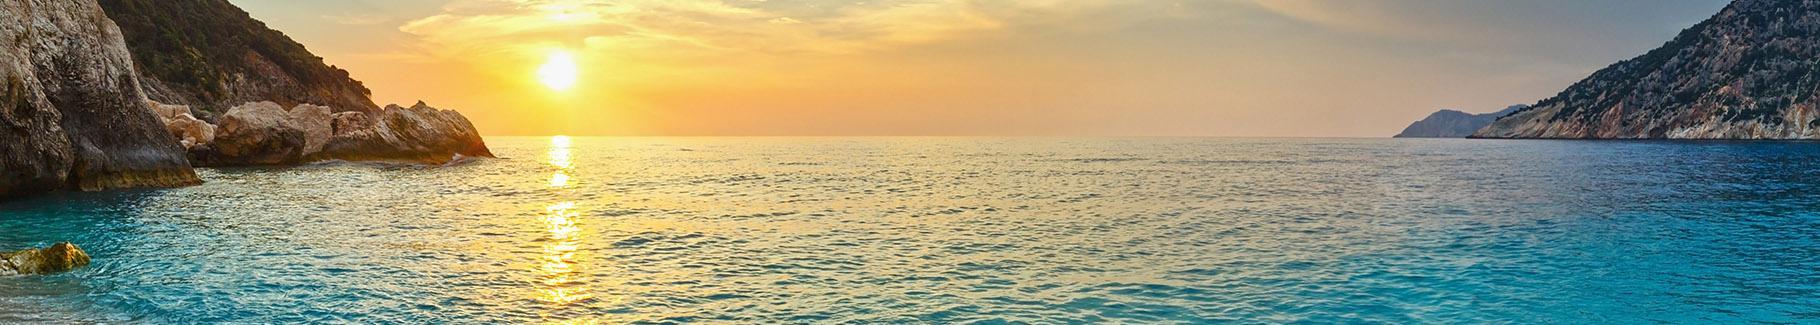 Fototapeta widok na morze